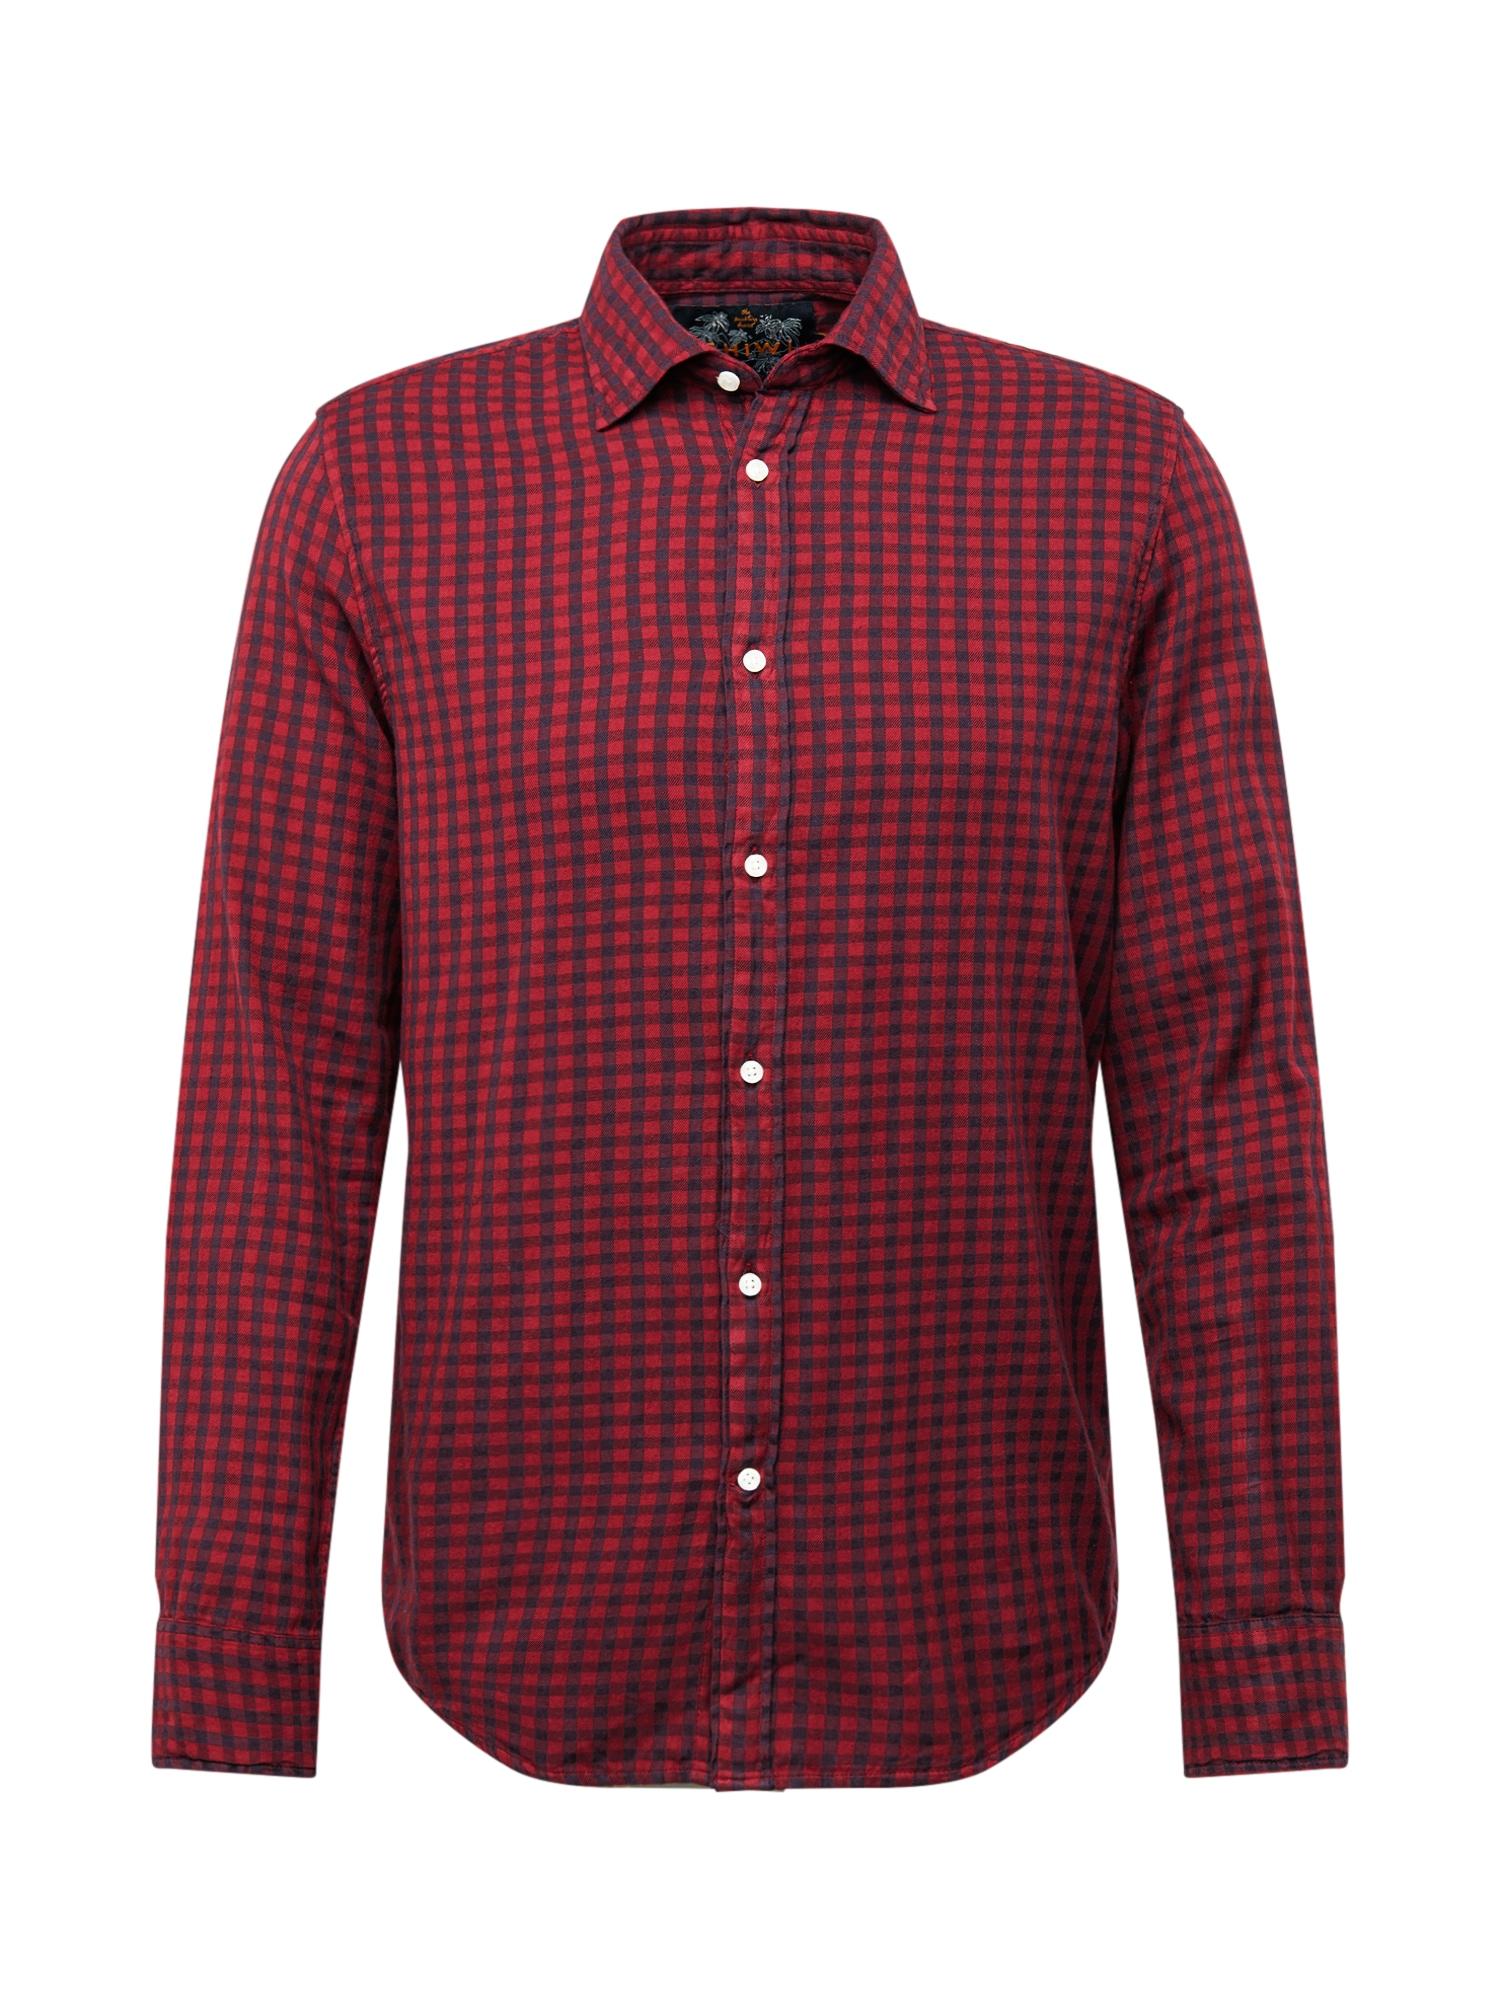 Shiwi Dalykiniai marškiniai 'David vichy' skaisti avietinė ar rubino spalva